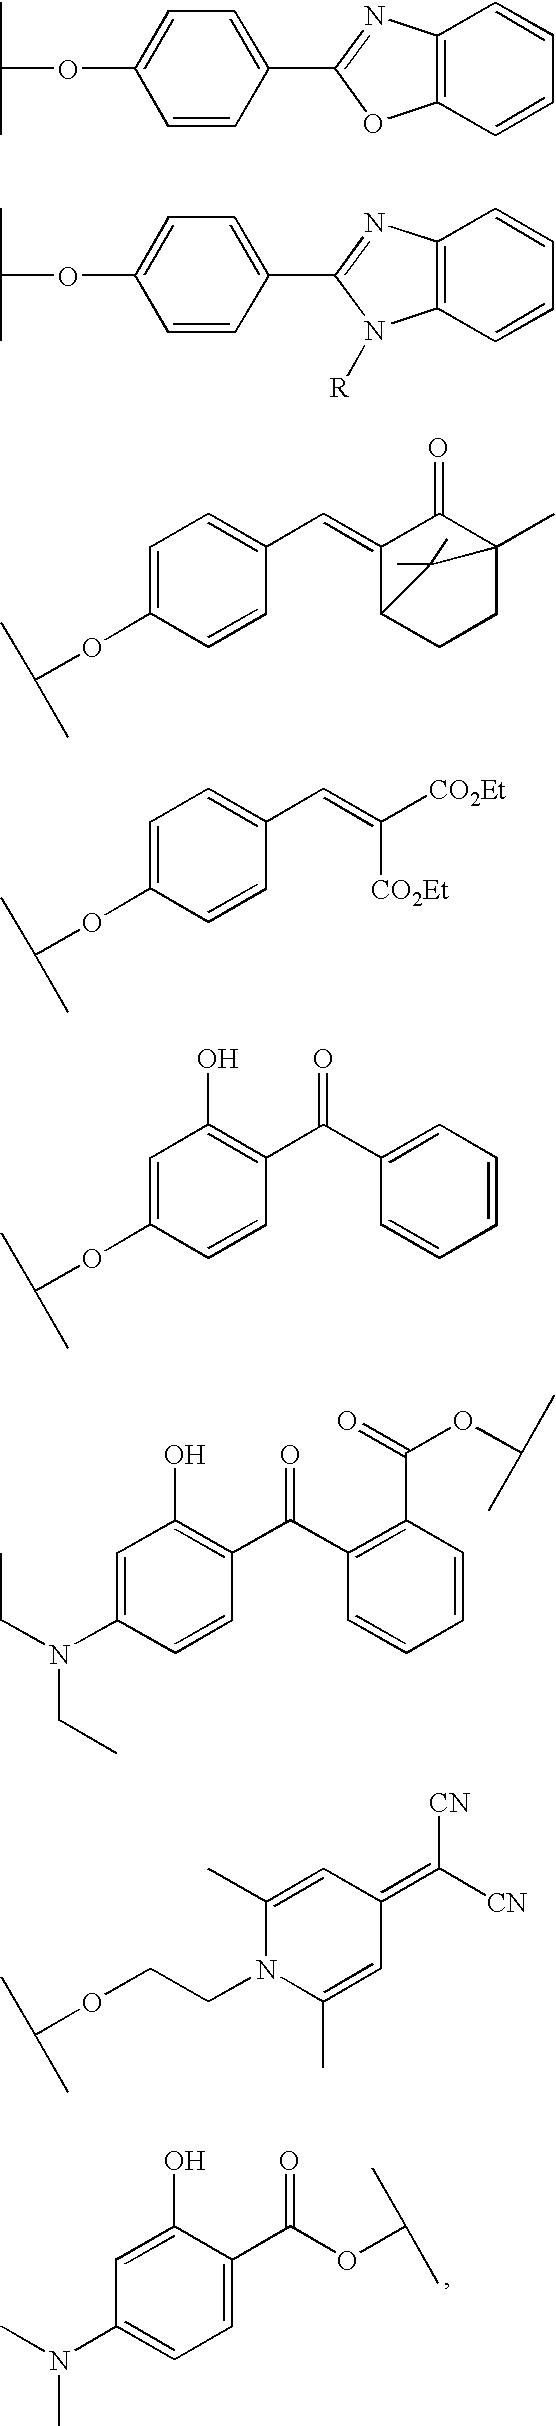 Figure US20080081025A1-20080403-C00018